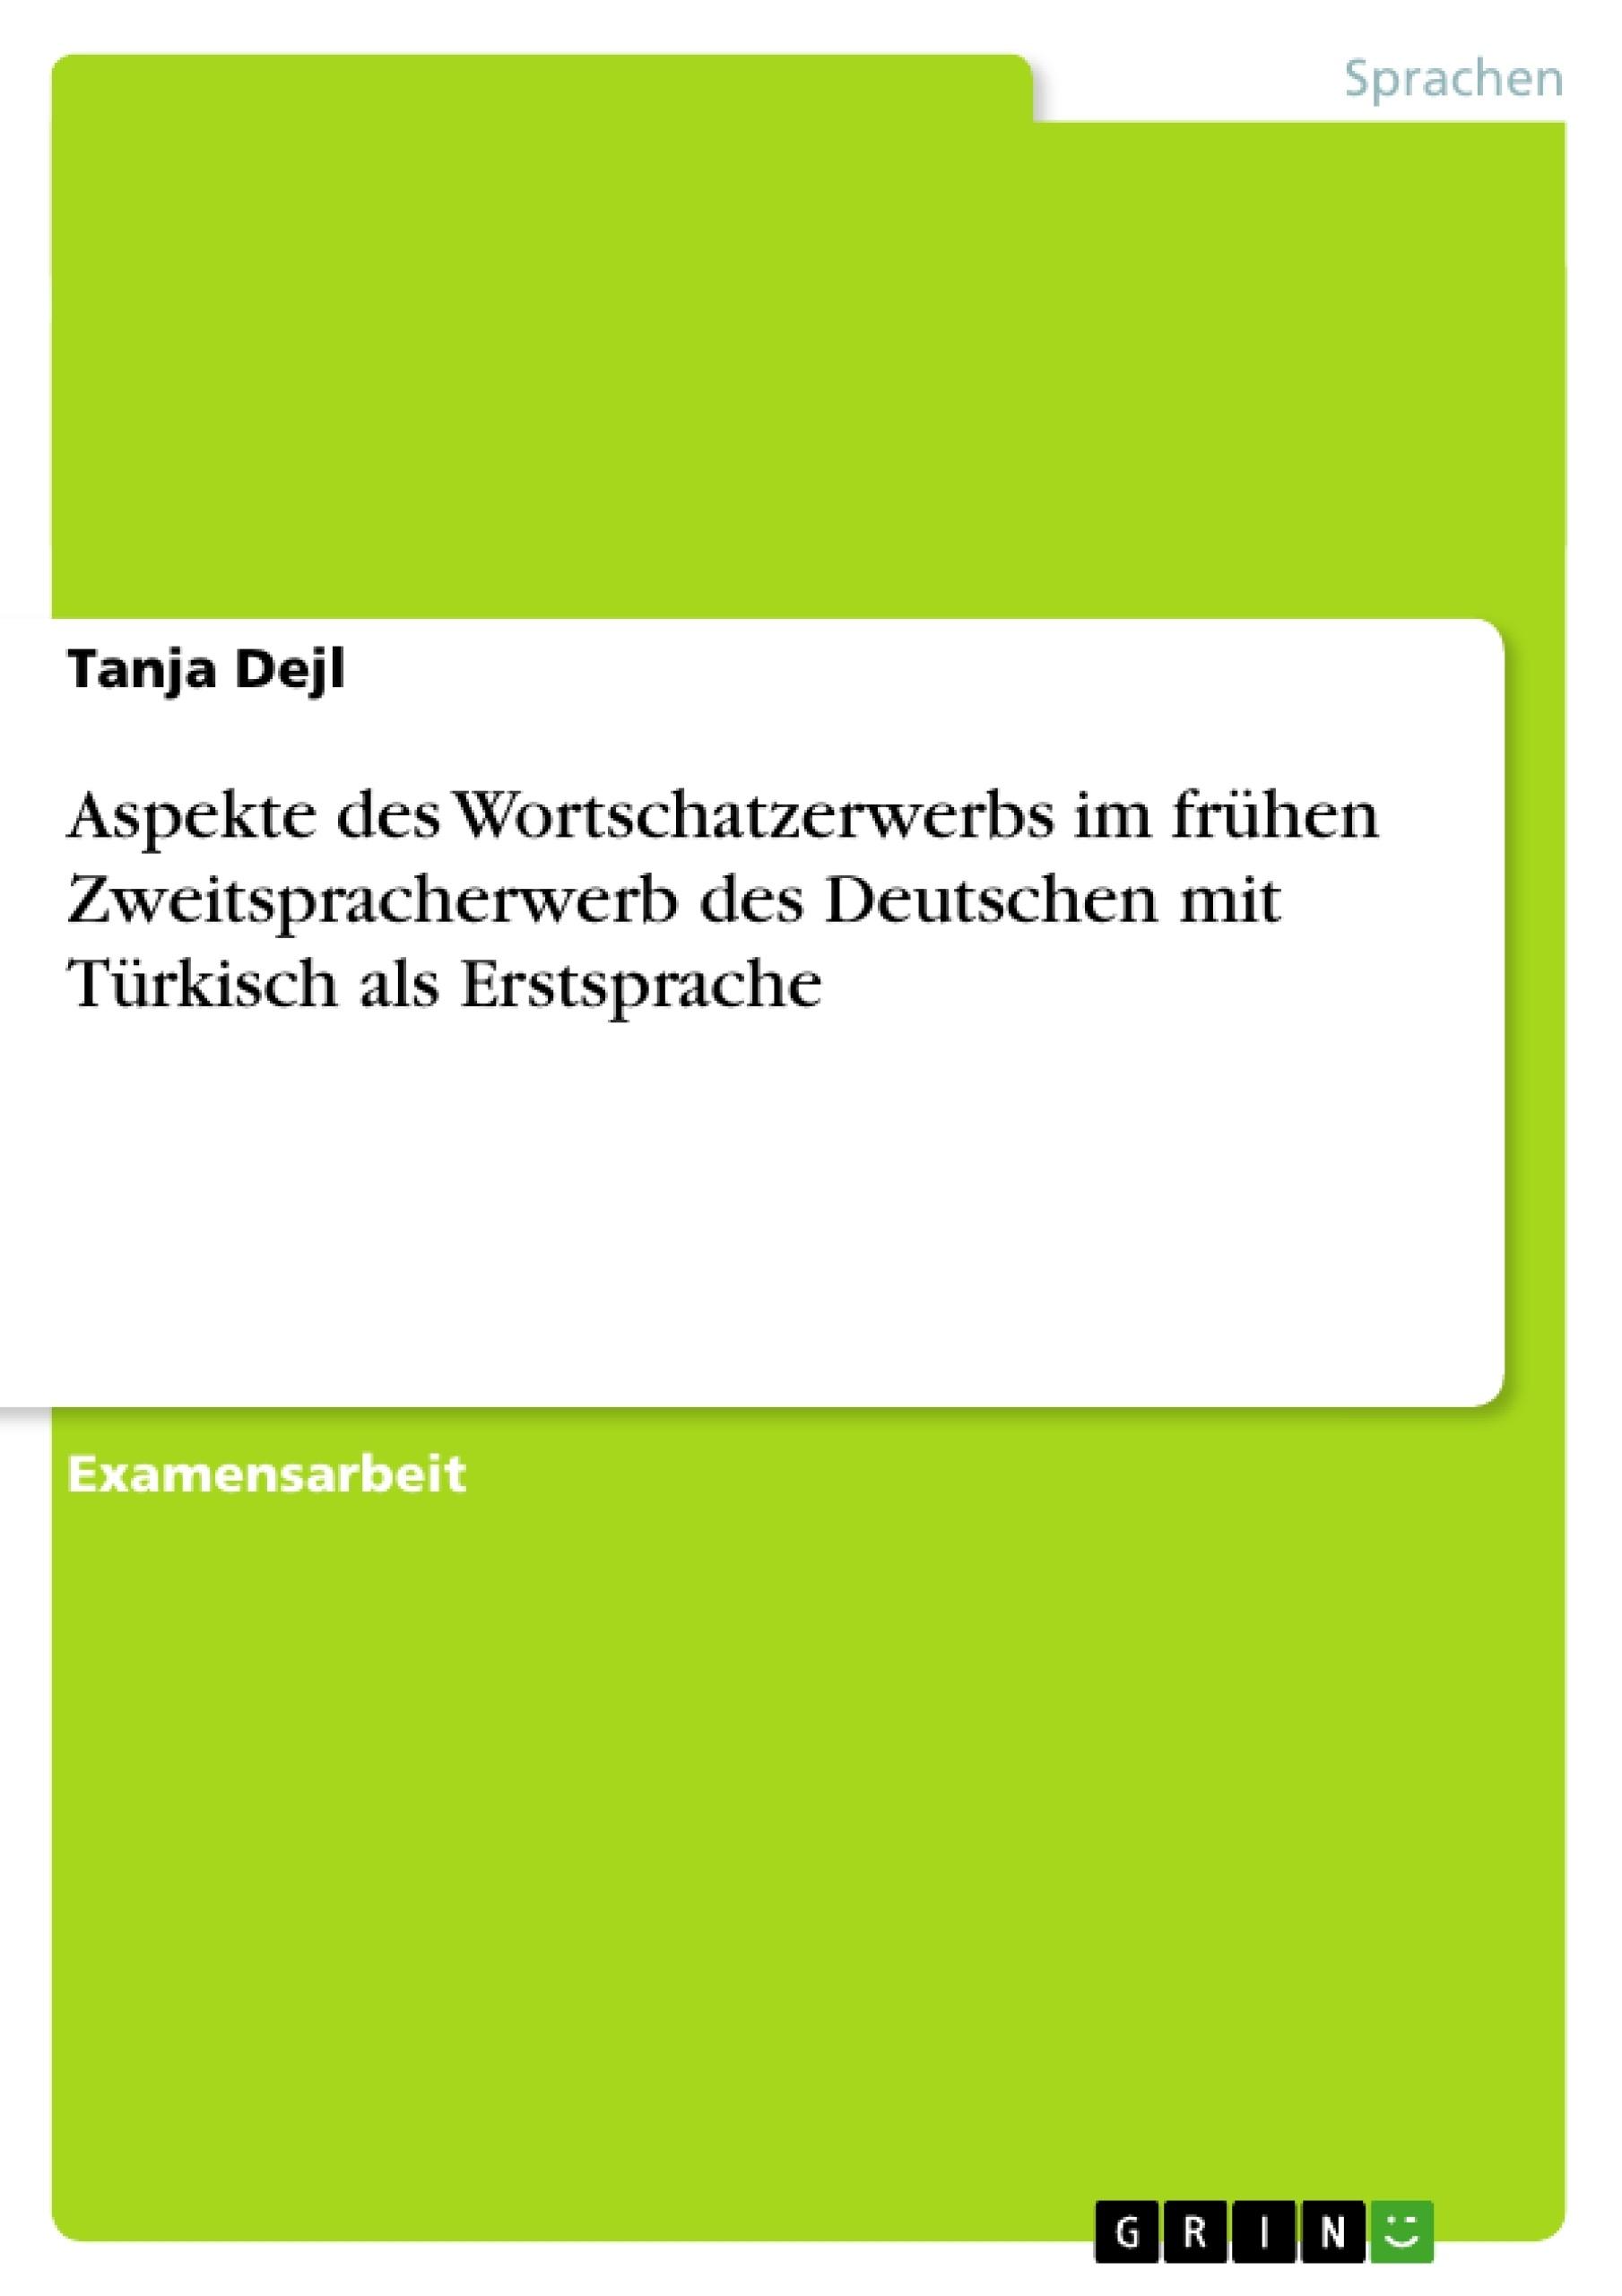 Titel: Aspekte des Wortschatzerwerbs im frühen Zweitspracherwerb des Deutschen mit Türkisch als Erstsprache